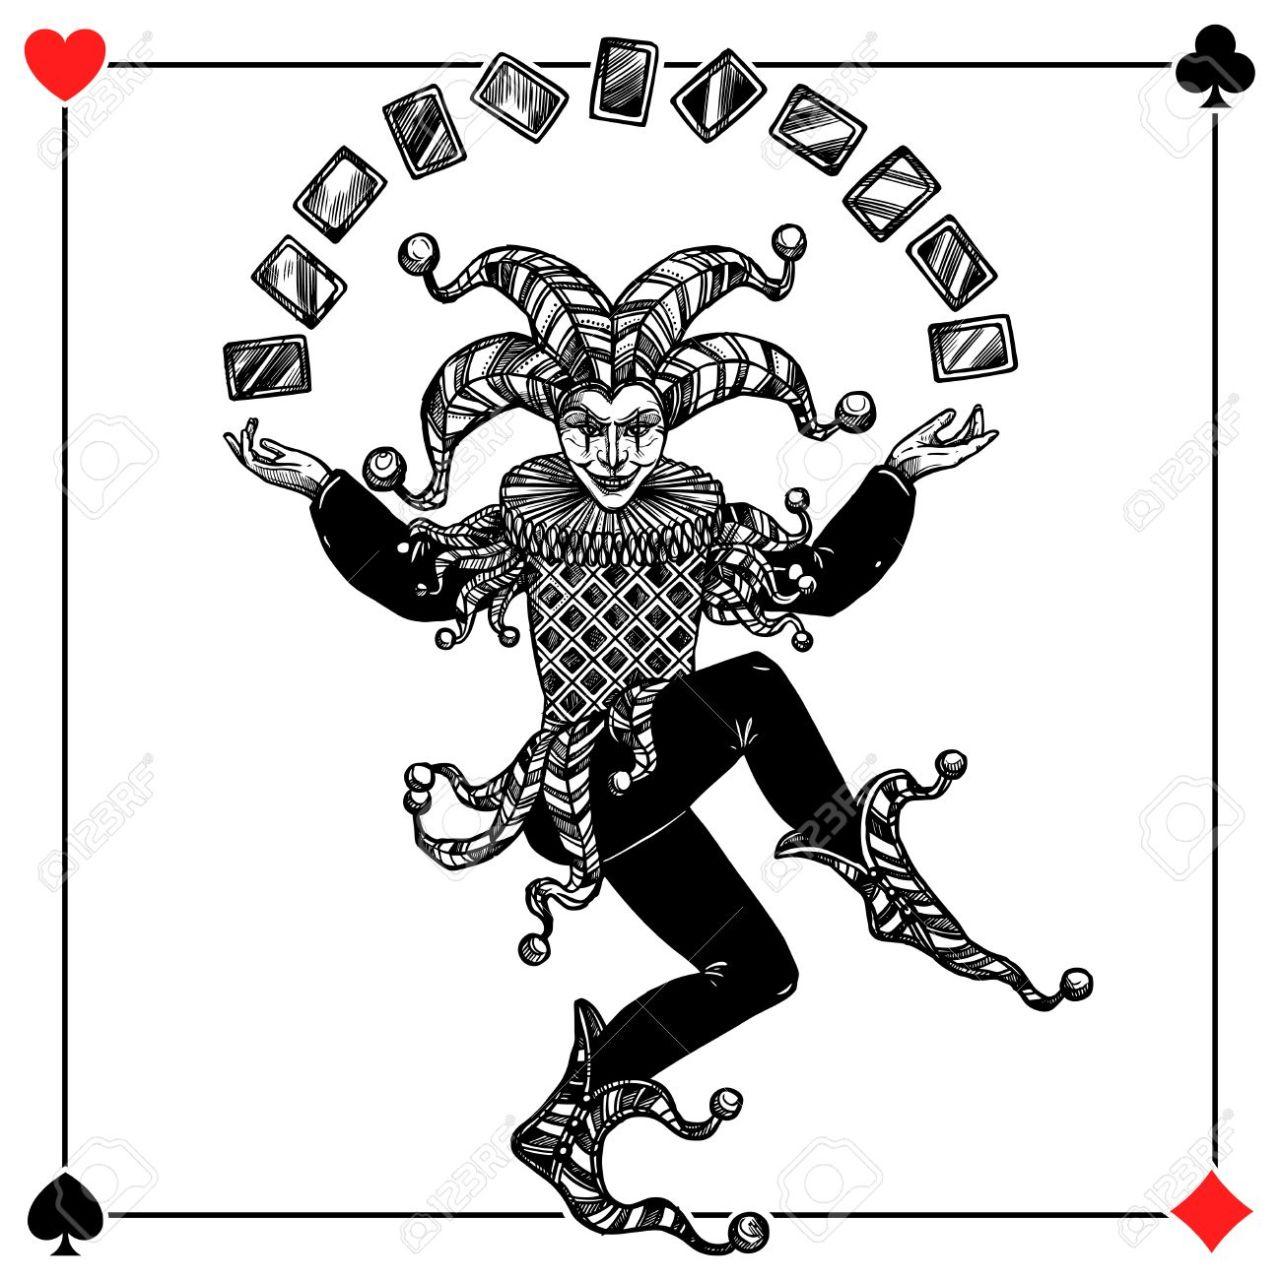 Joker Background Illustration